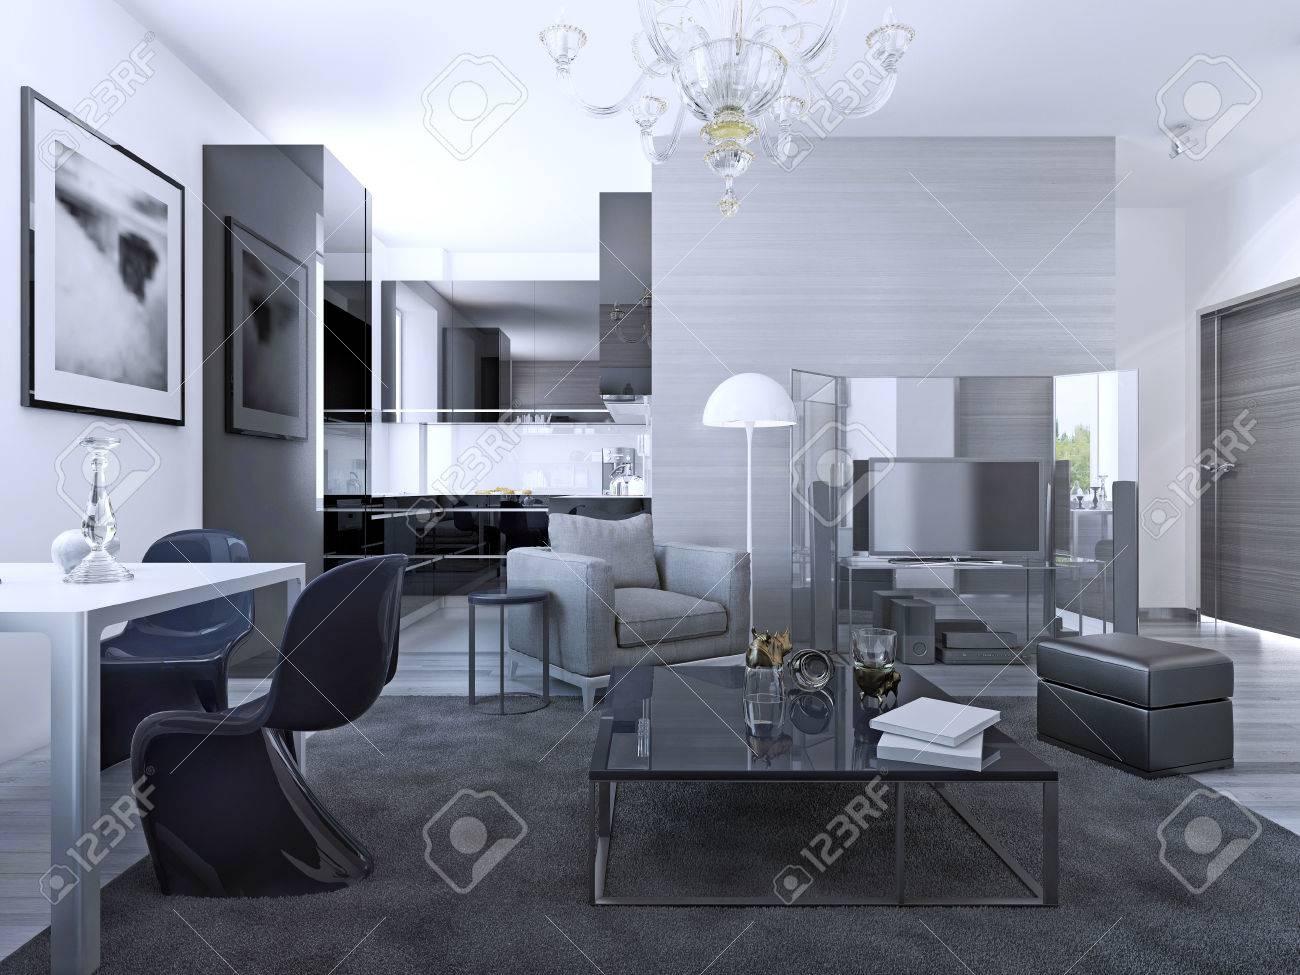 Contemporain salon studio. murs gris clair, mobilier, cuisine élégante de  fond. 3D render